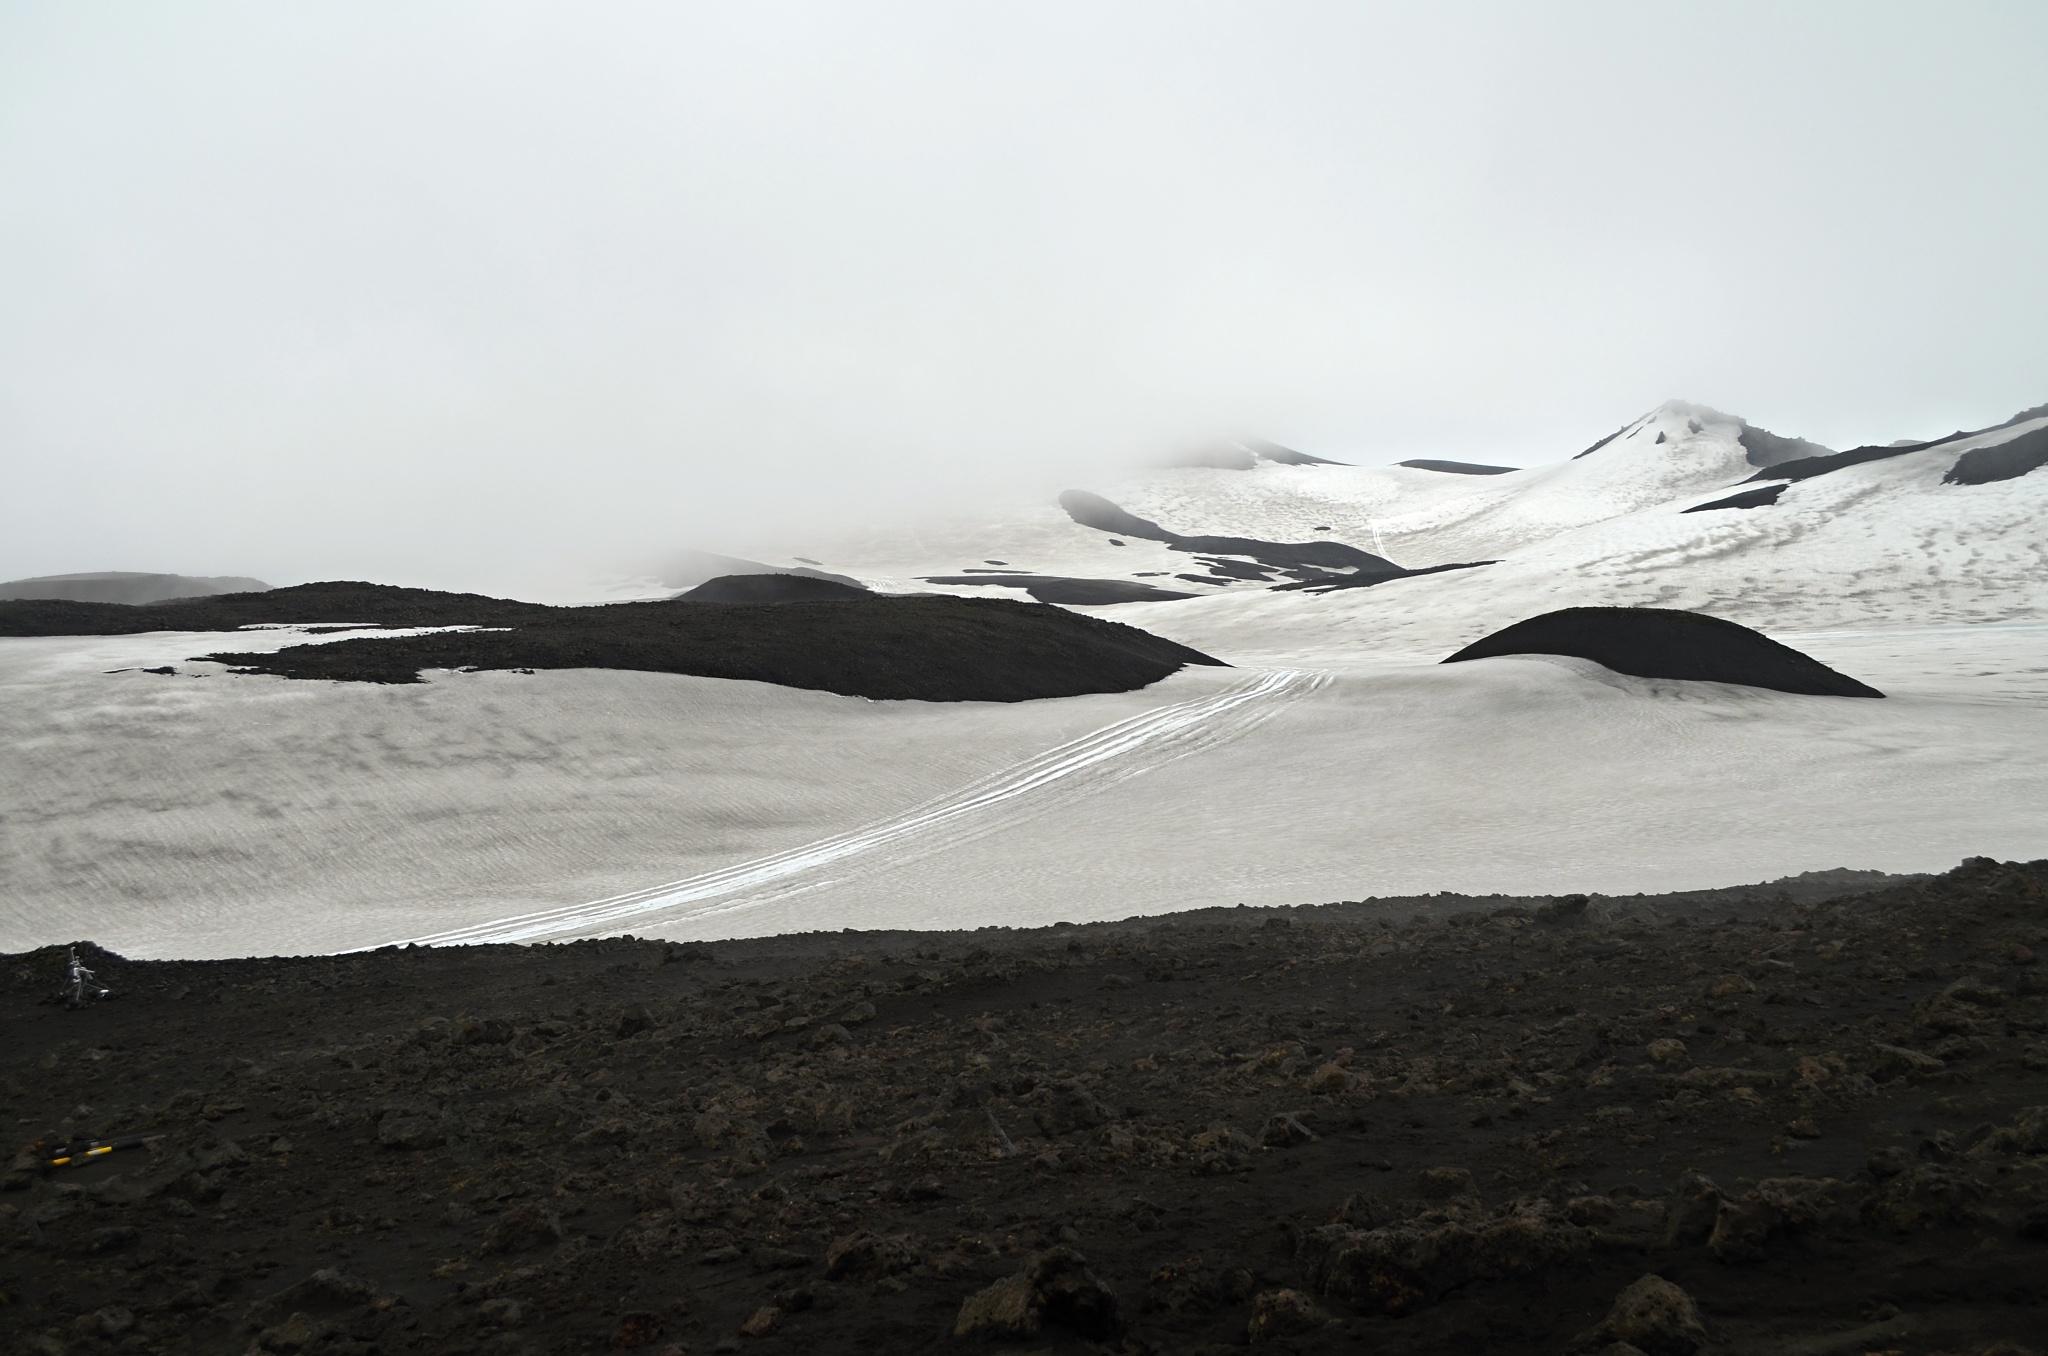 Sněhu bylo poměrně dost